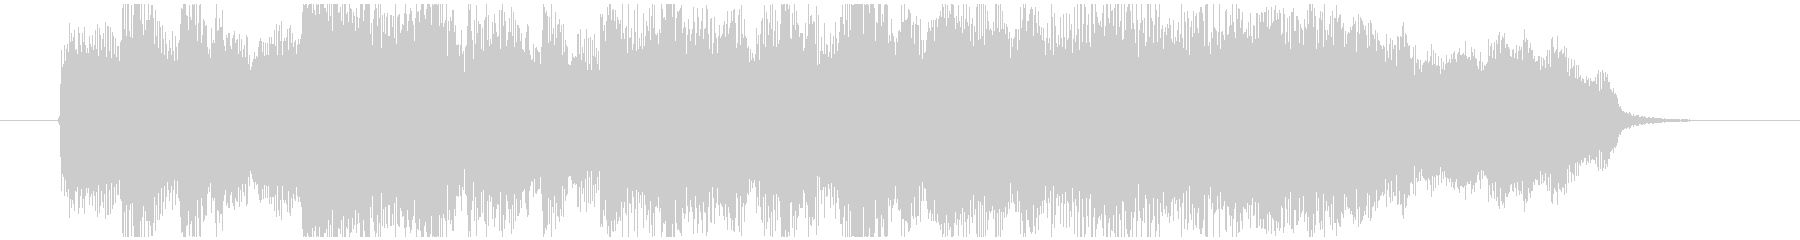 ゲームオーバーで流れるBGMの未再生の波形